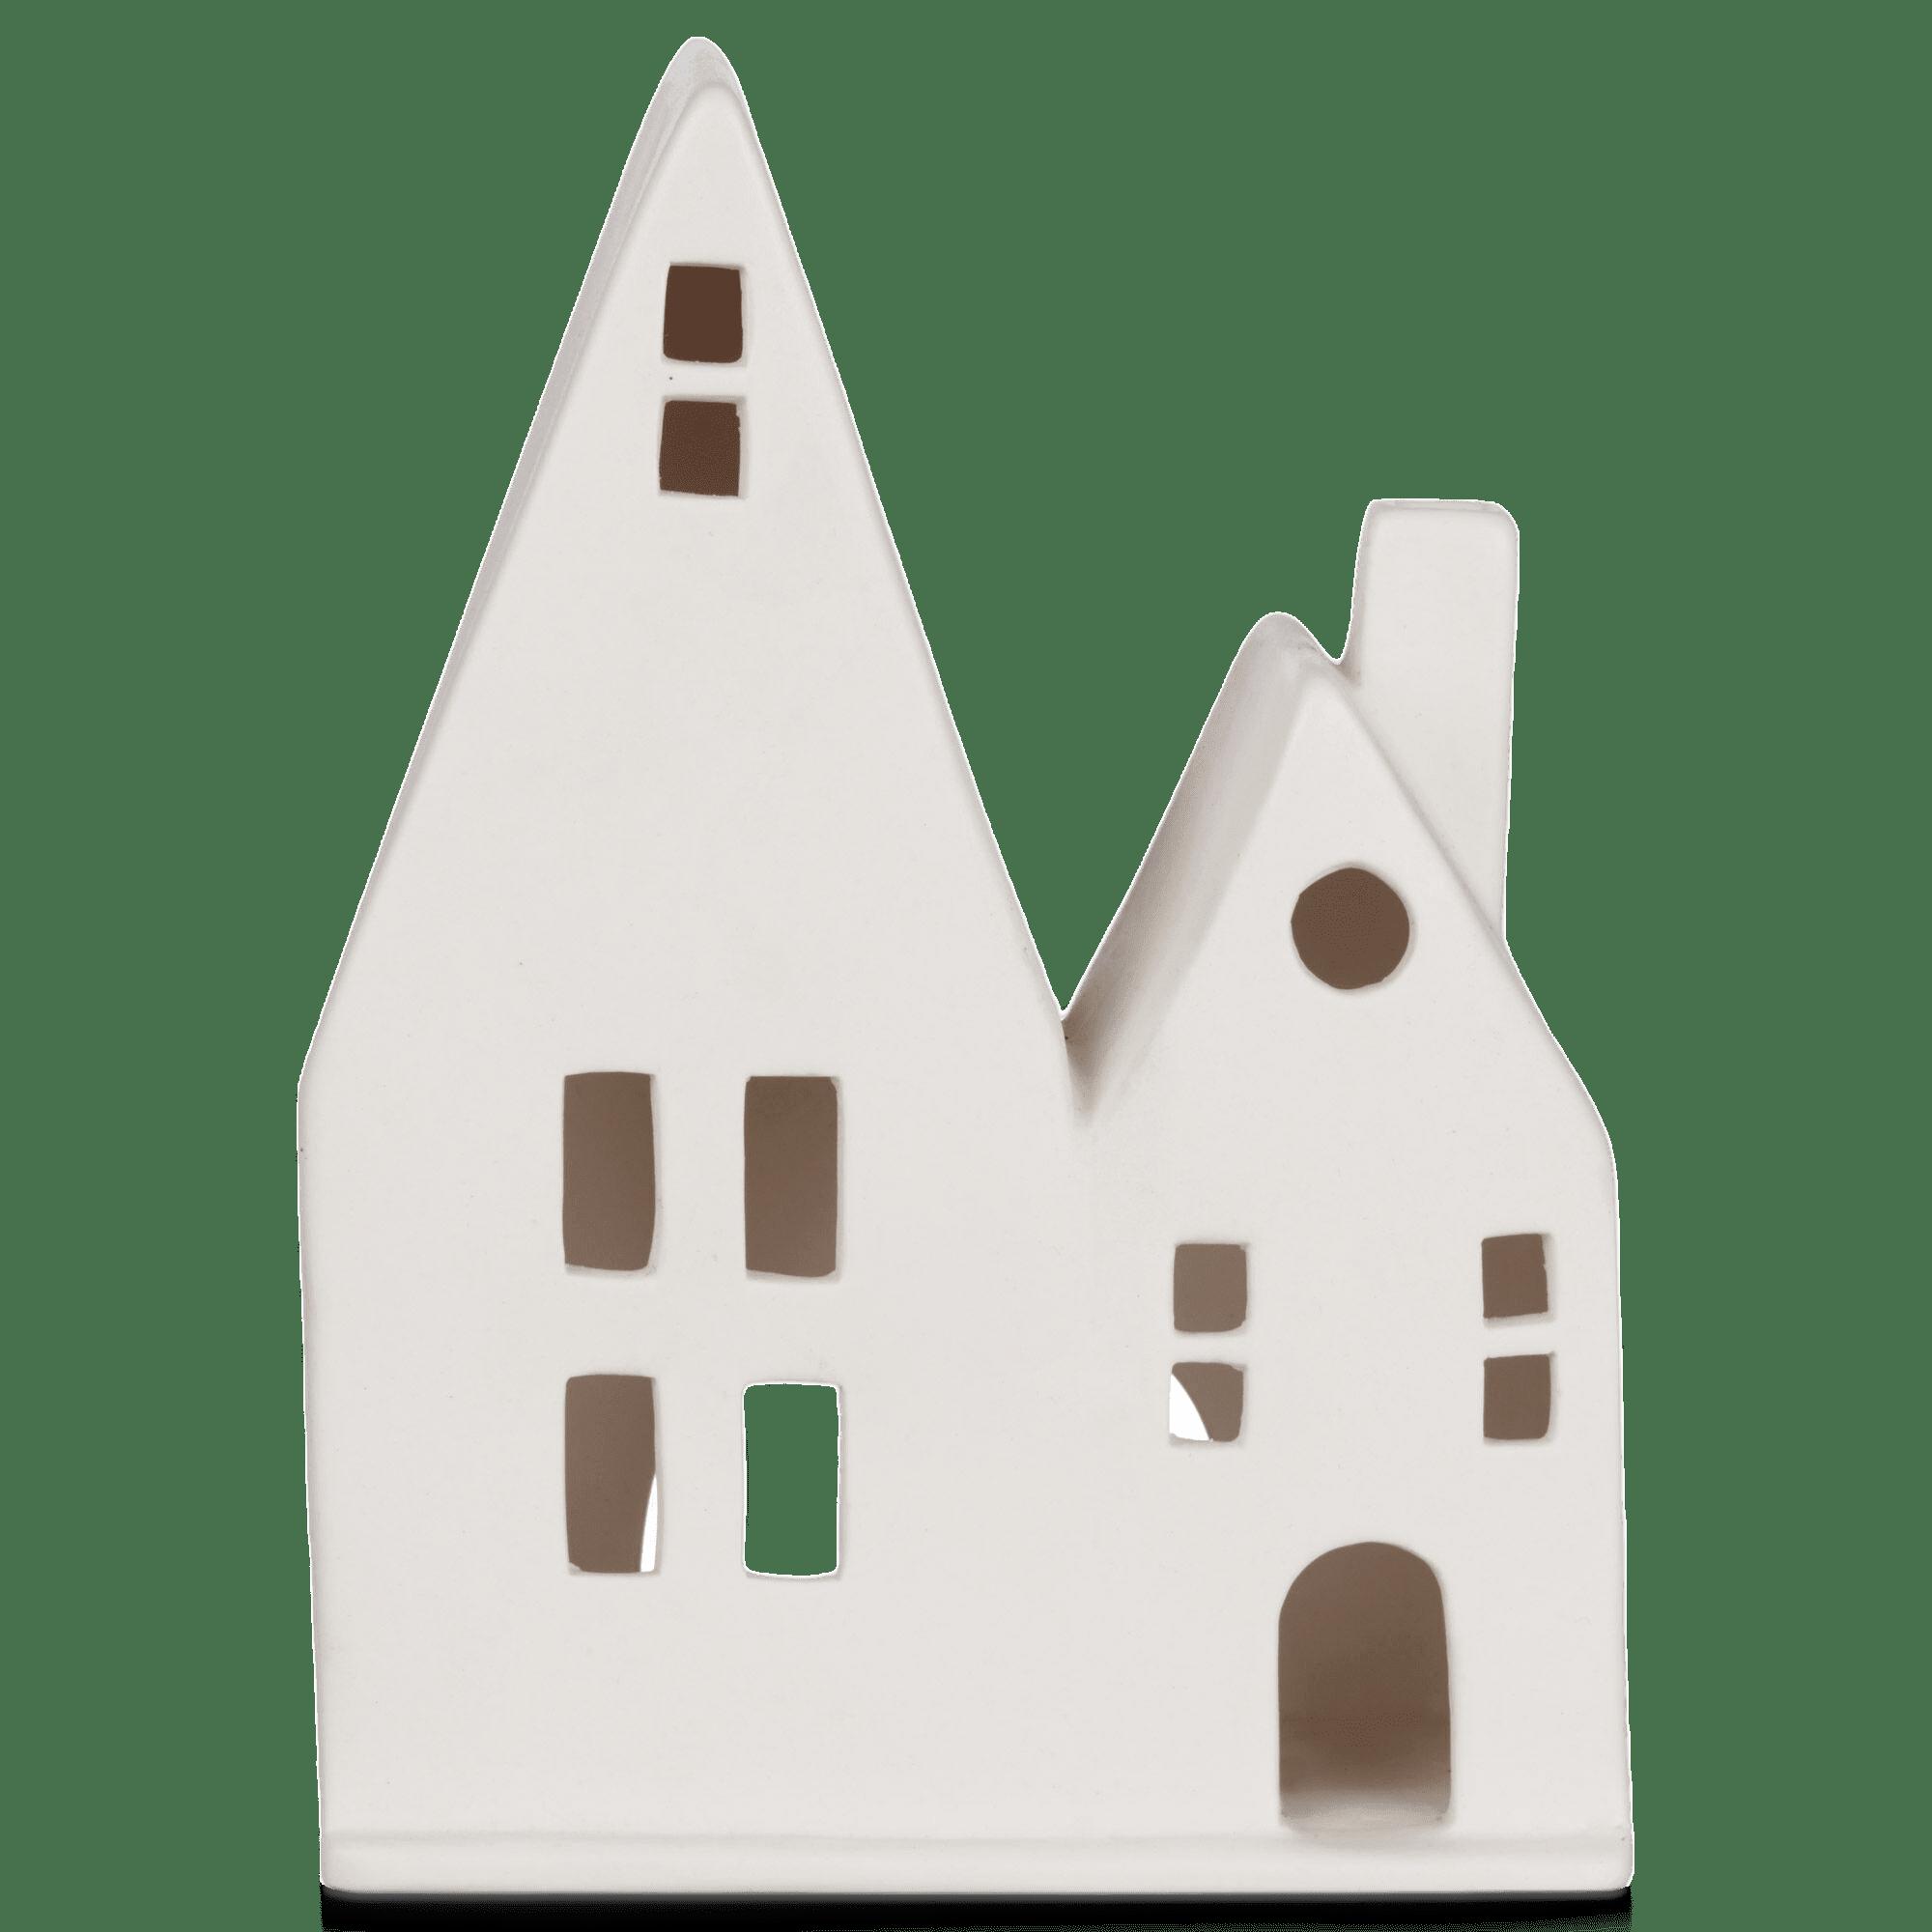 Decorative Ceramic Houses